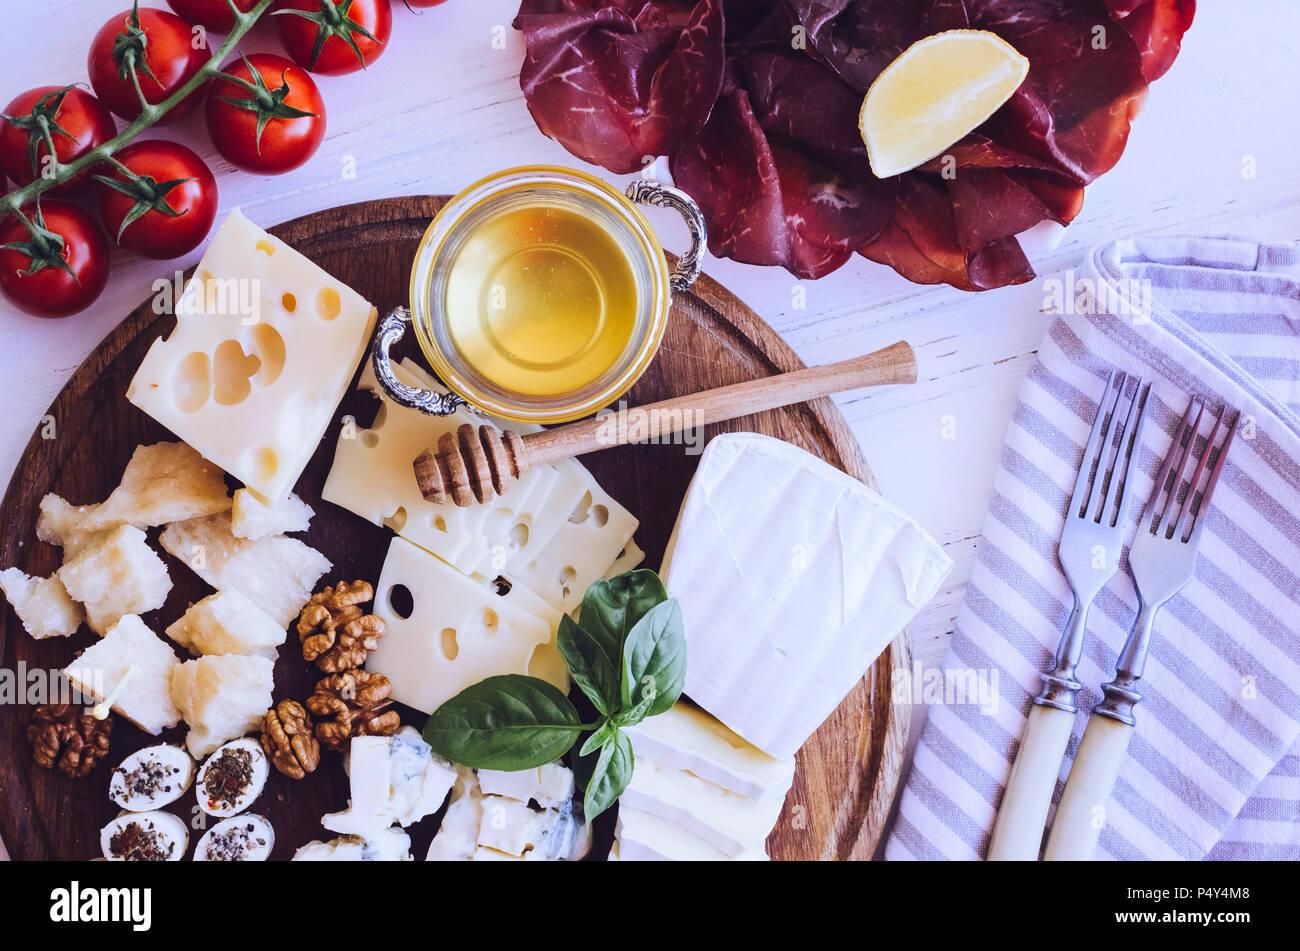 Table pleine de méditerranée, des tapas ou hors-d'antipasto. Assortiment de set de cuisine italienne. De délicieux en-cas sur partie ou temps de pique-nique. Planche à découper avec moi Photo Stock